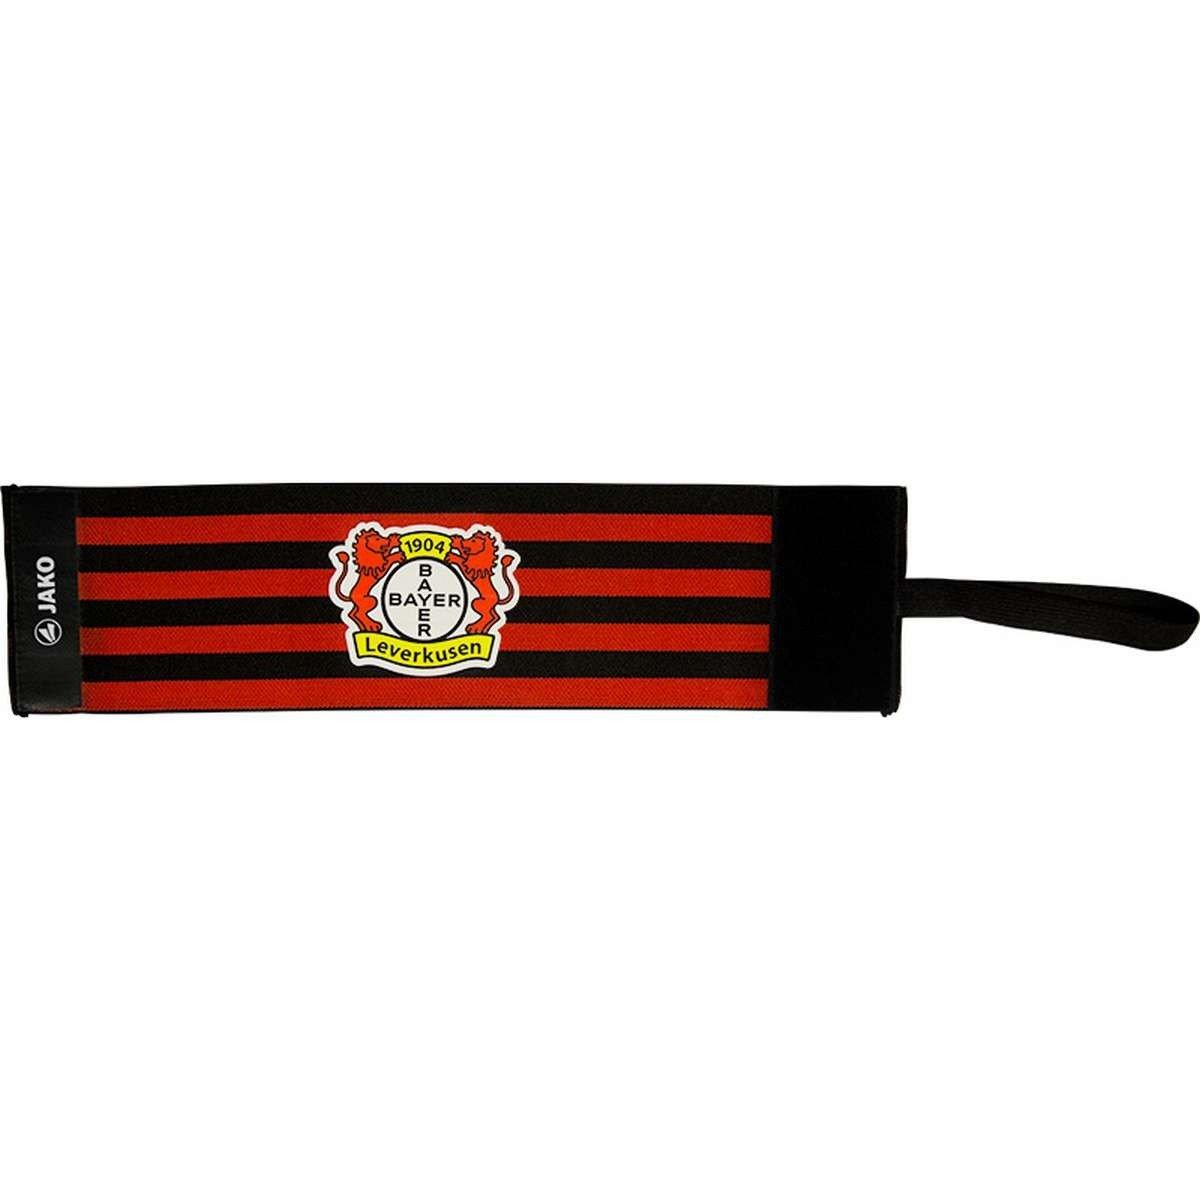 JAKO Bayer 04 Leverkusen Spielführerbinde - schwarz